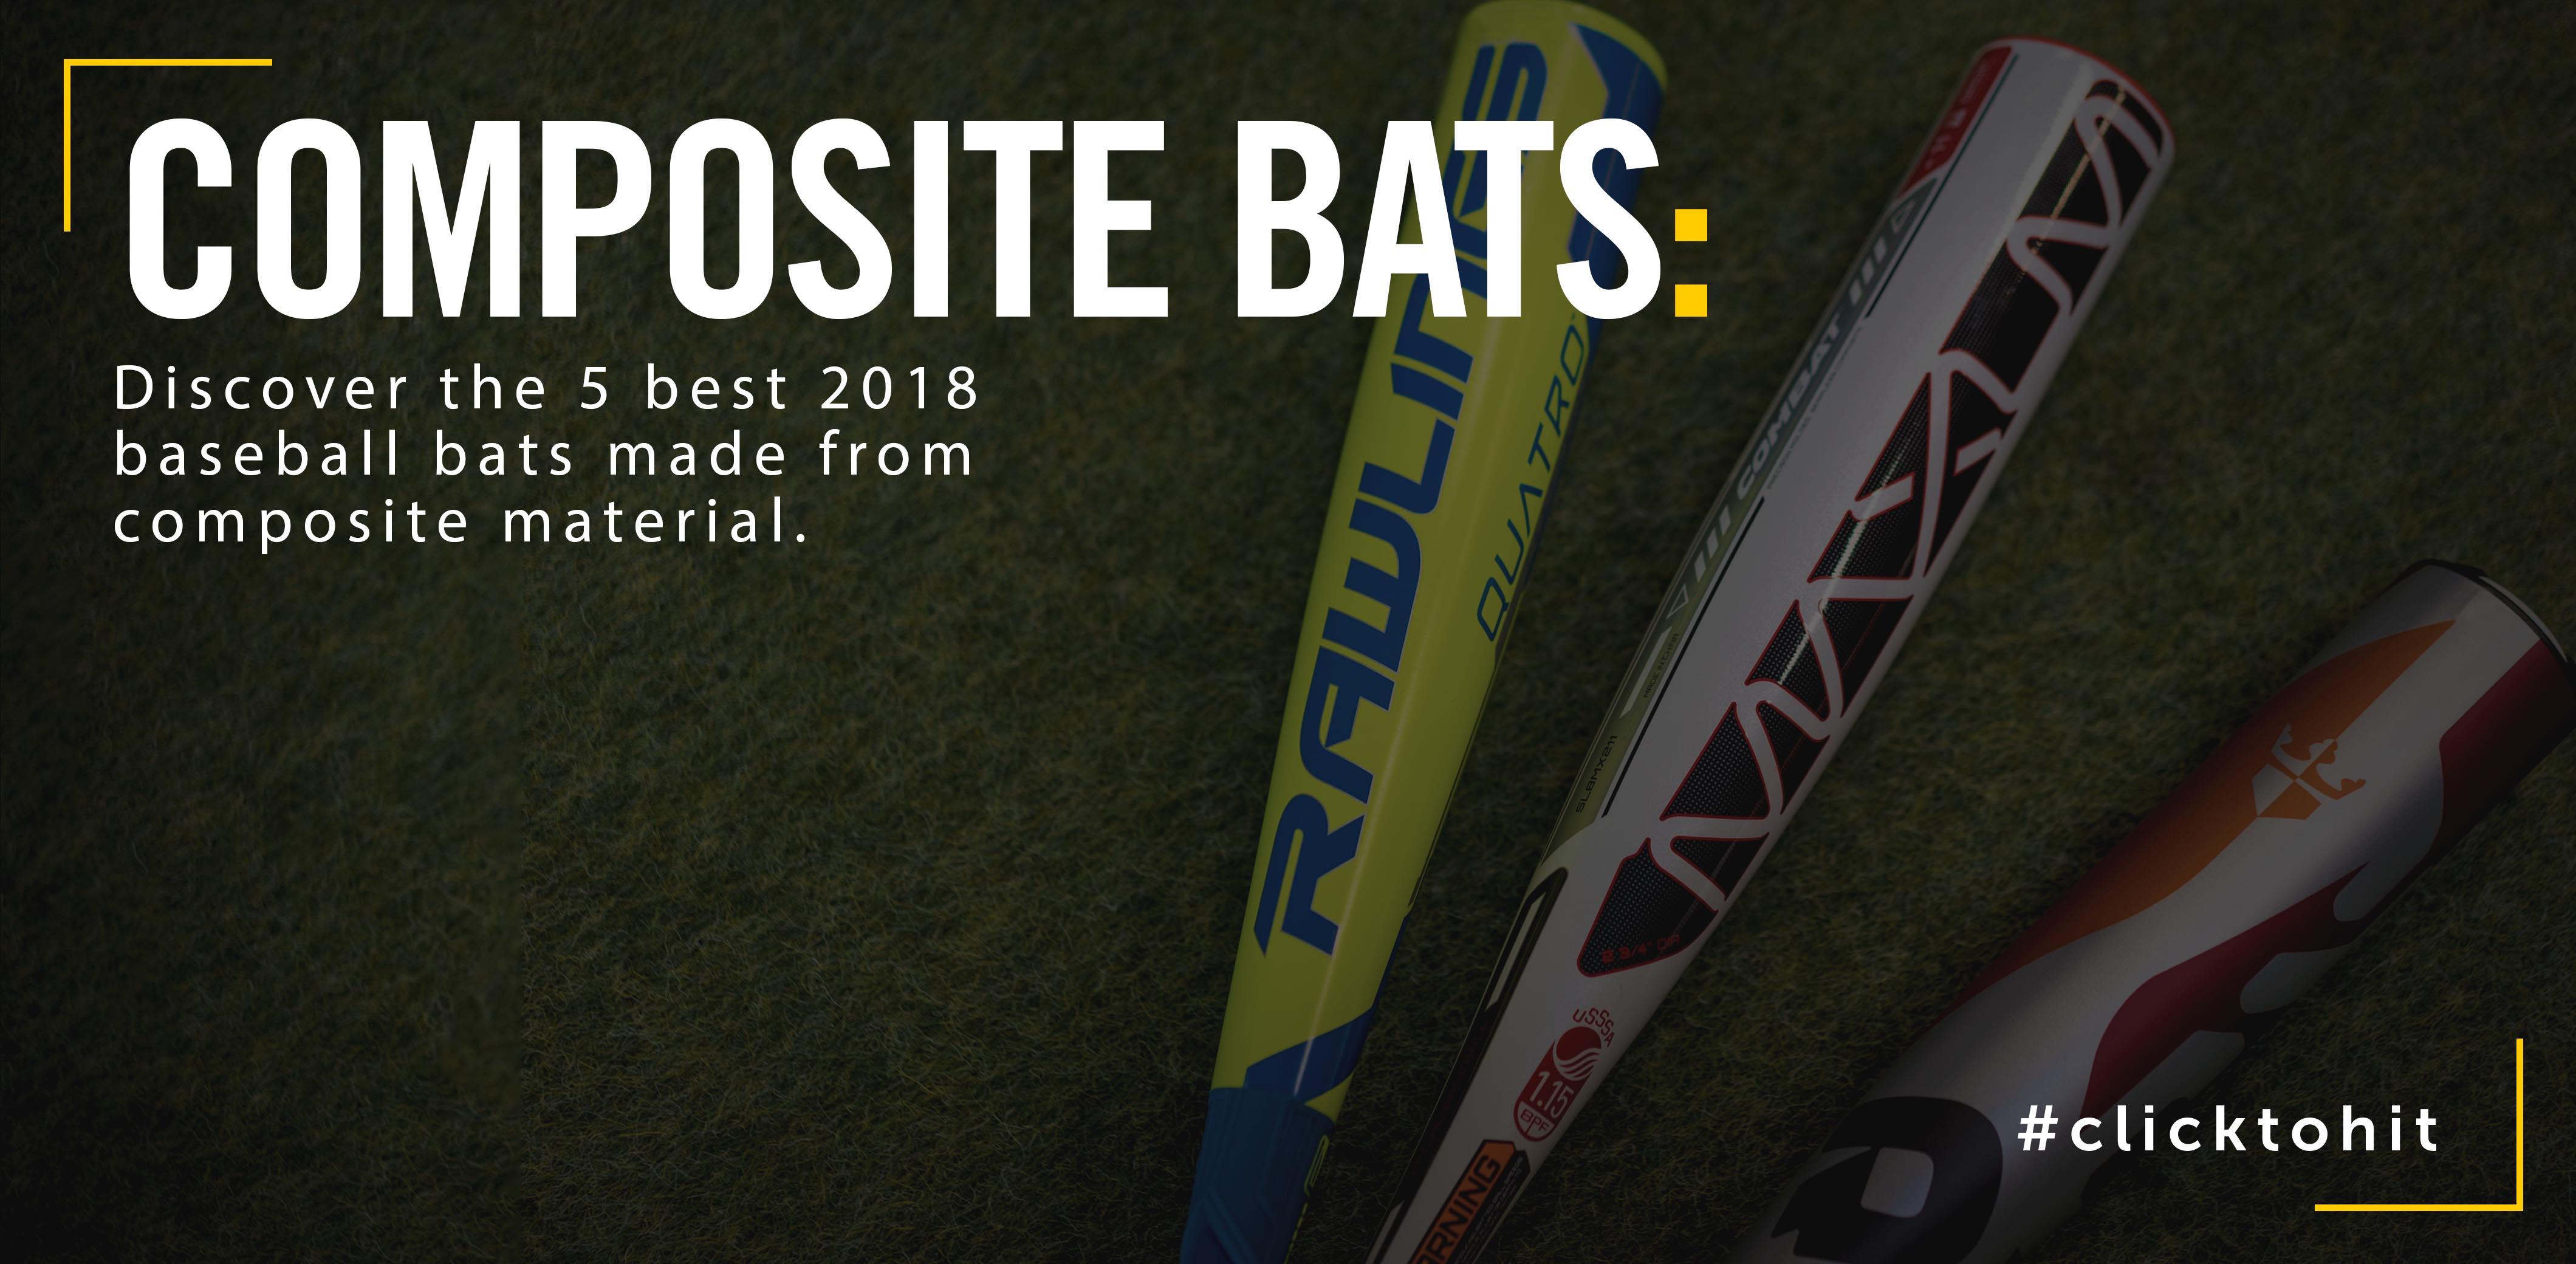 5 best 2018 composite bats-1